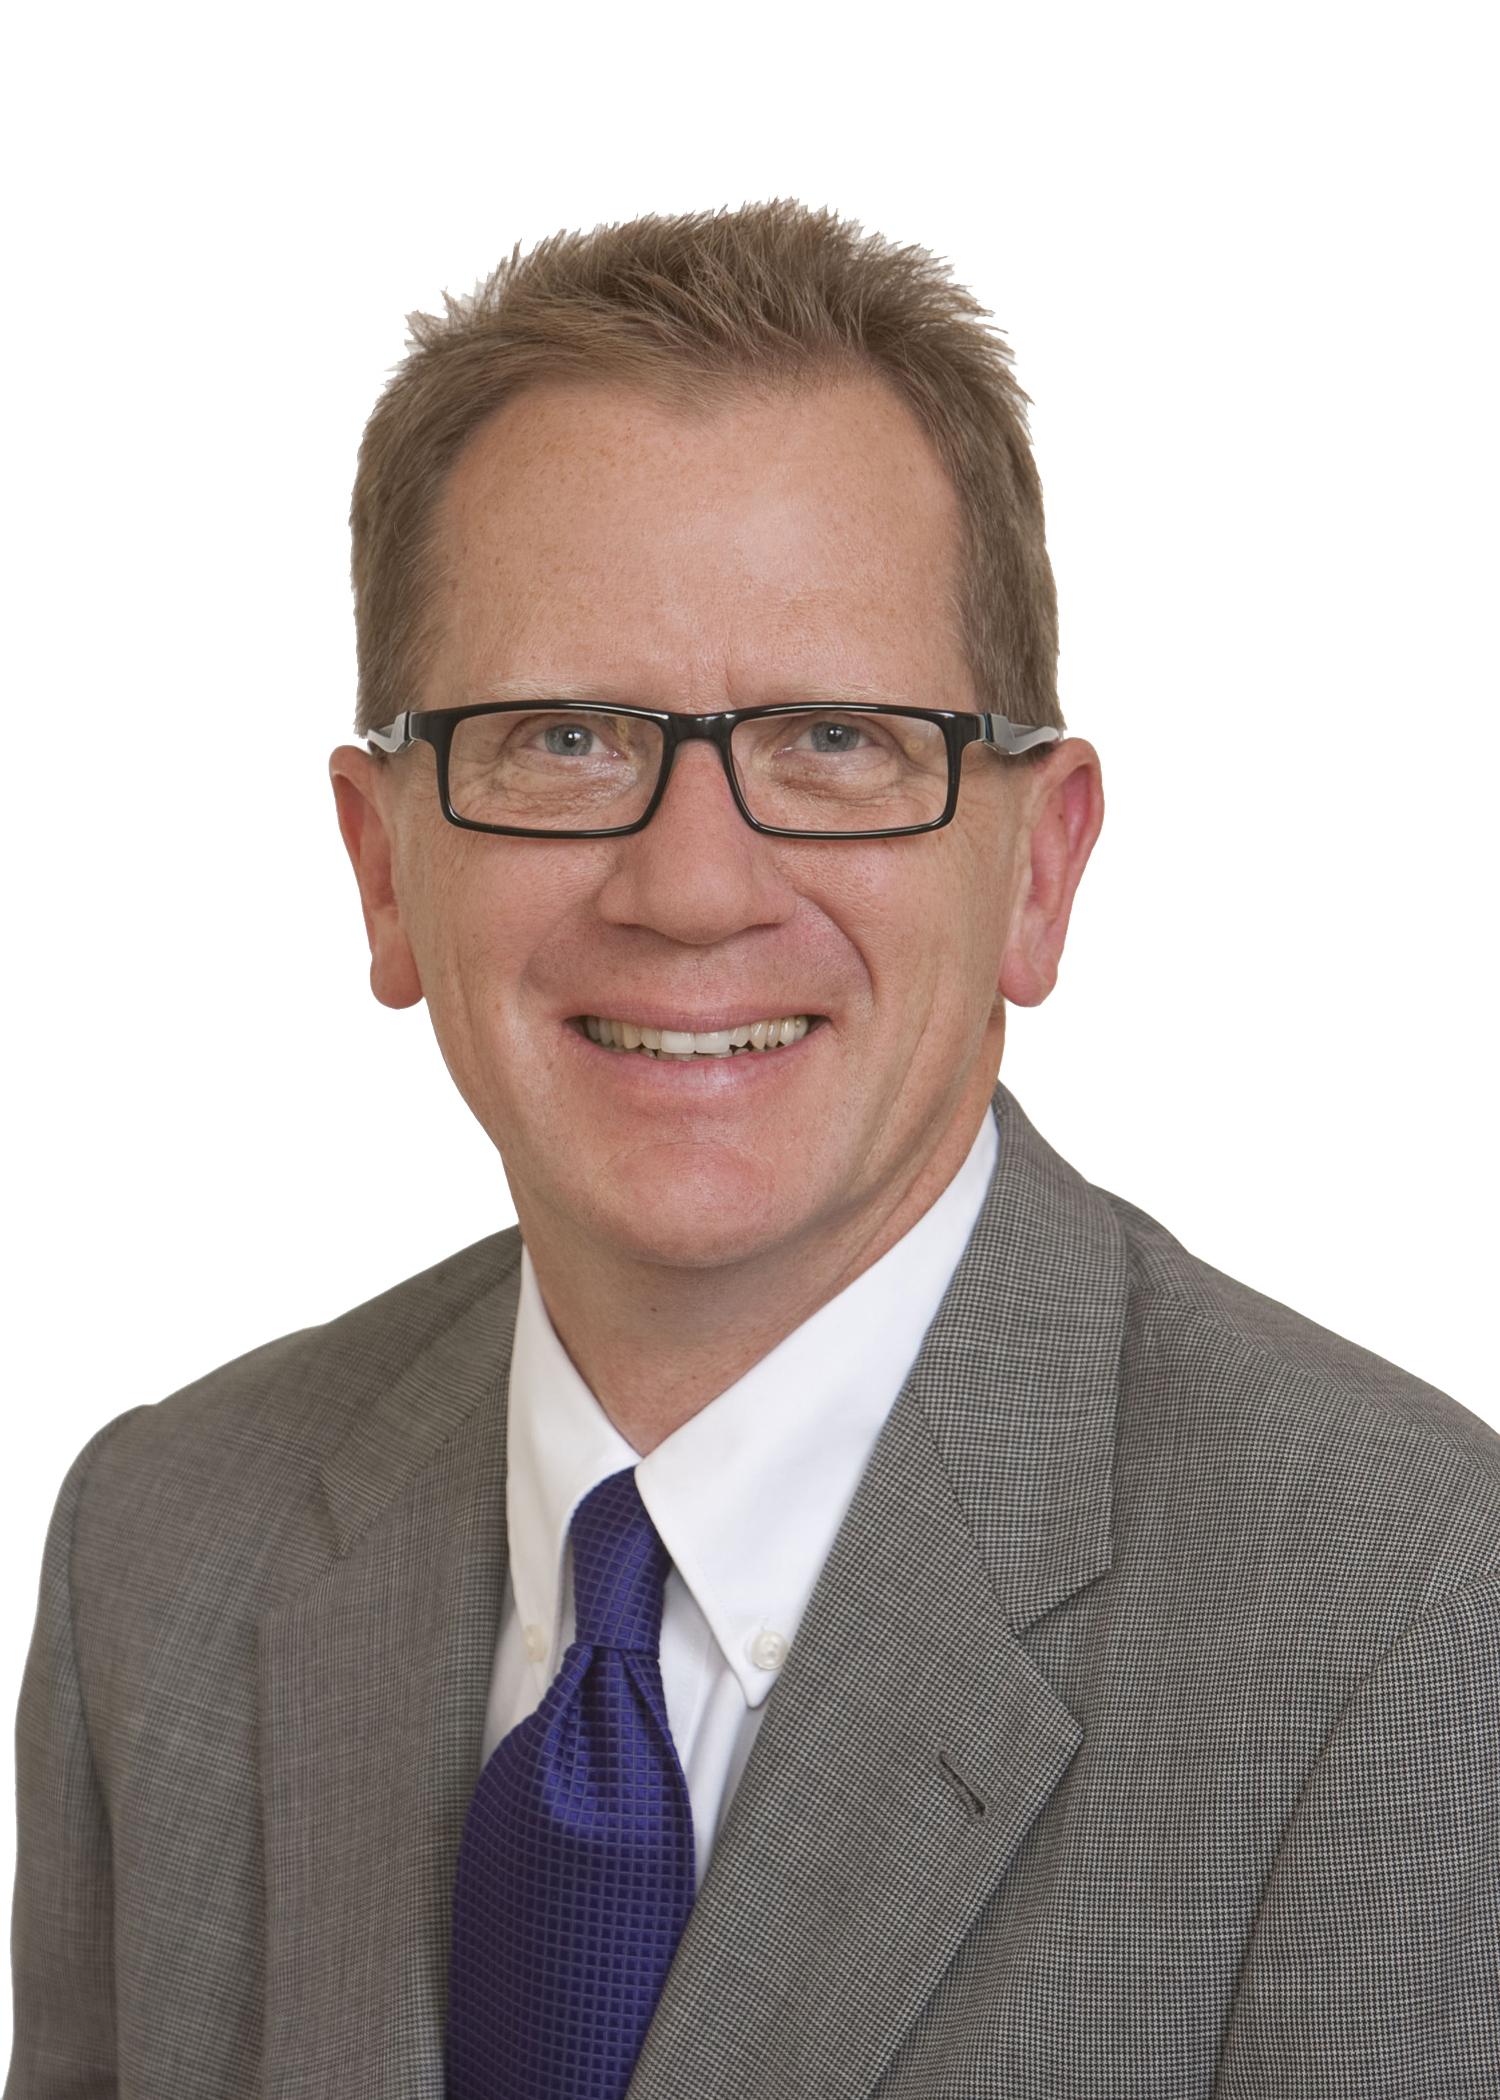 Dave Fahrner